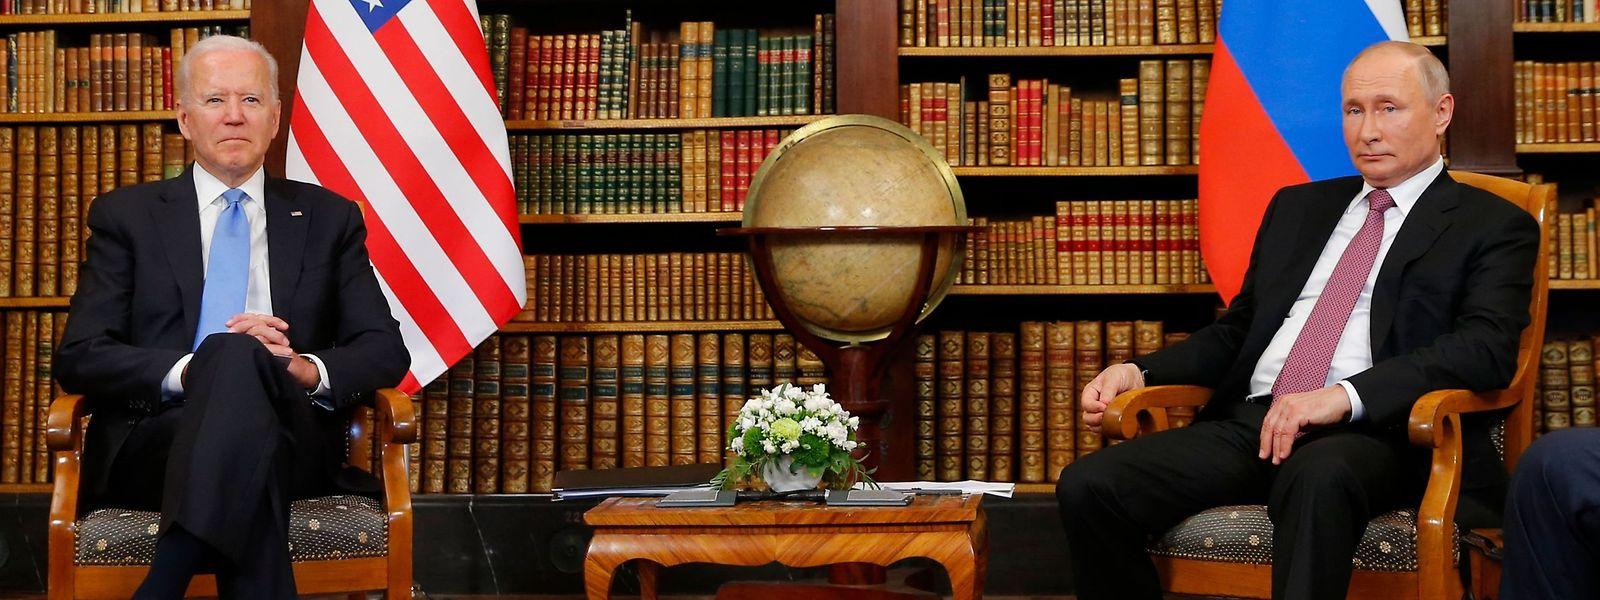 Das erste Gespräch zwischen US-Präsident Joe Biden (l.) und Kremlchef Wladimir Putin findet in der Bibliothek der Villa La Grange am Genfersee statt.